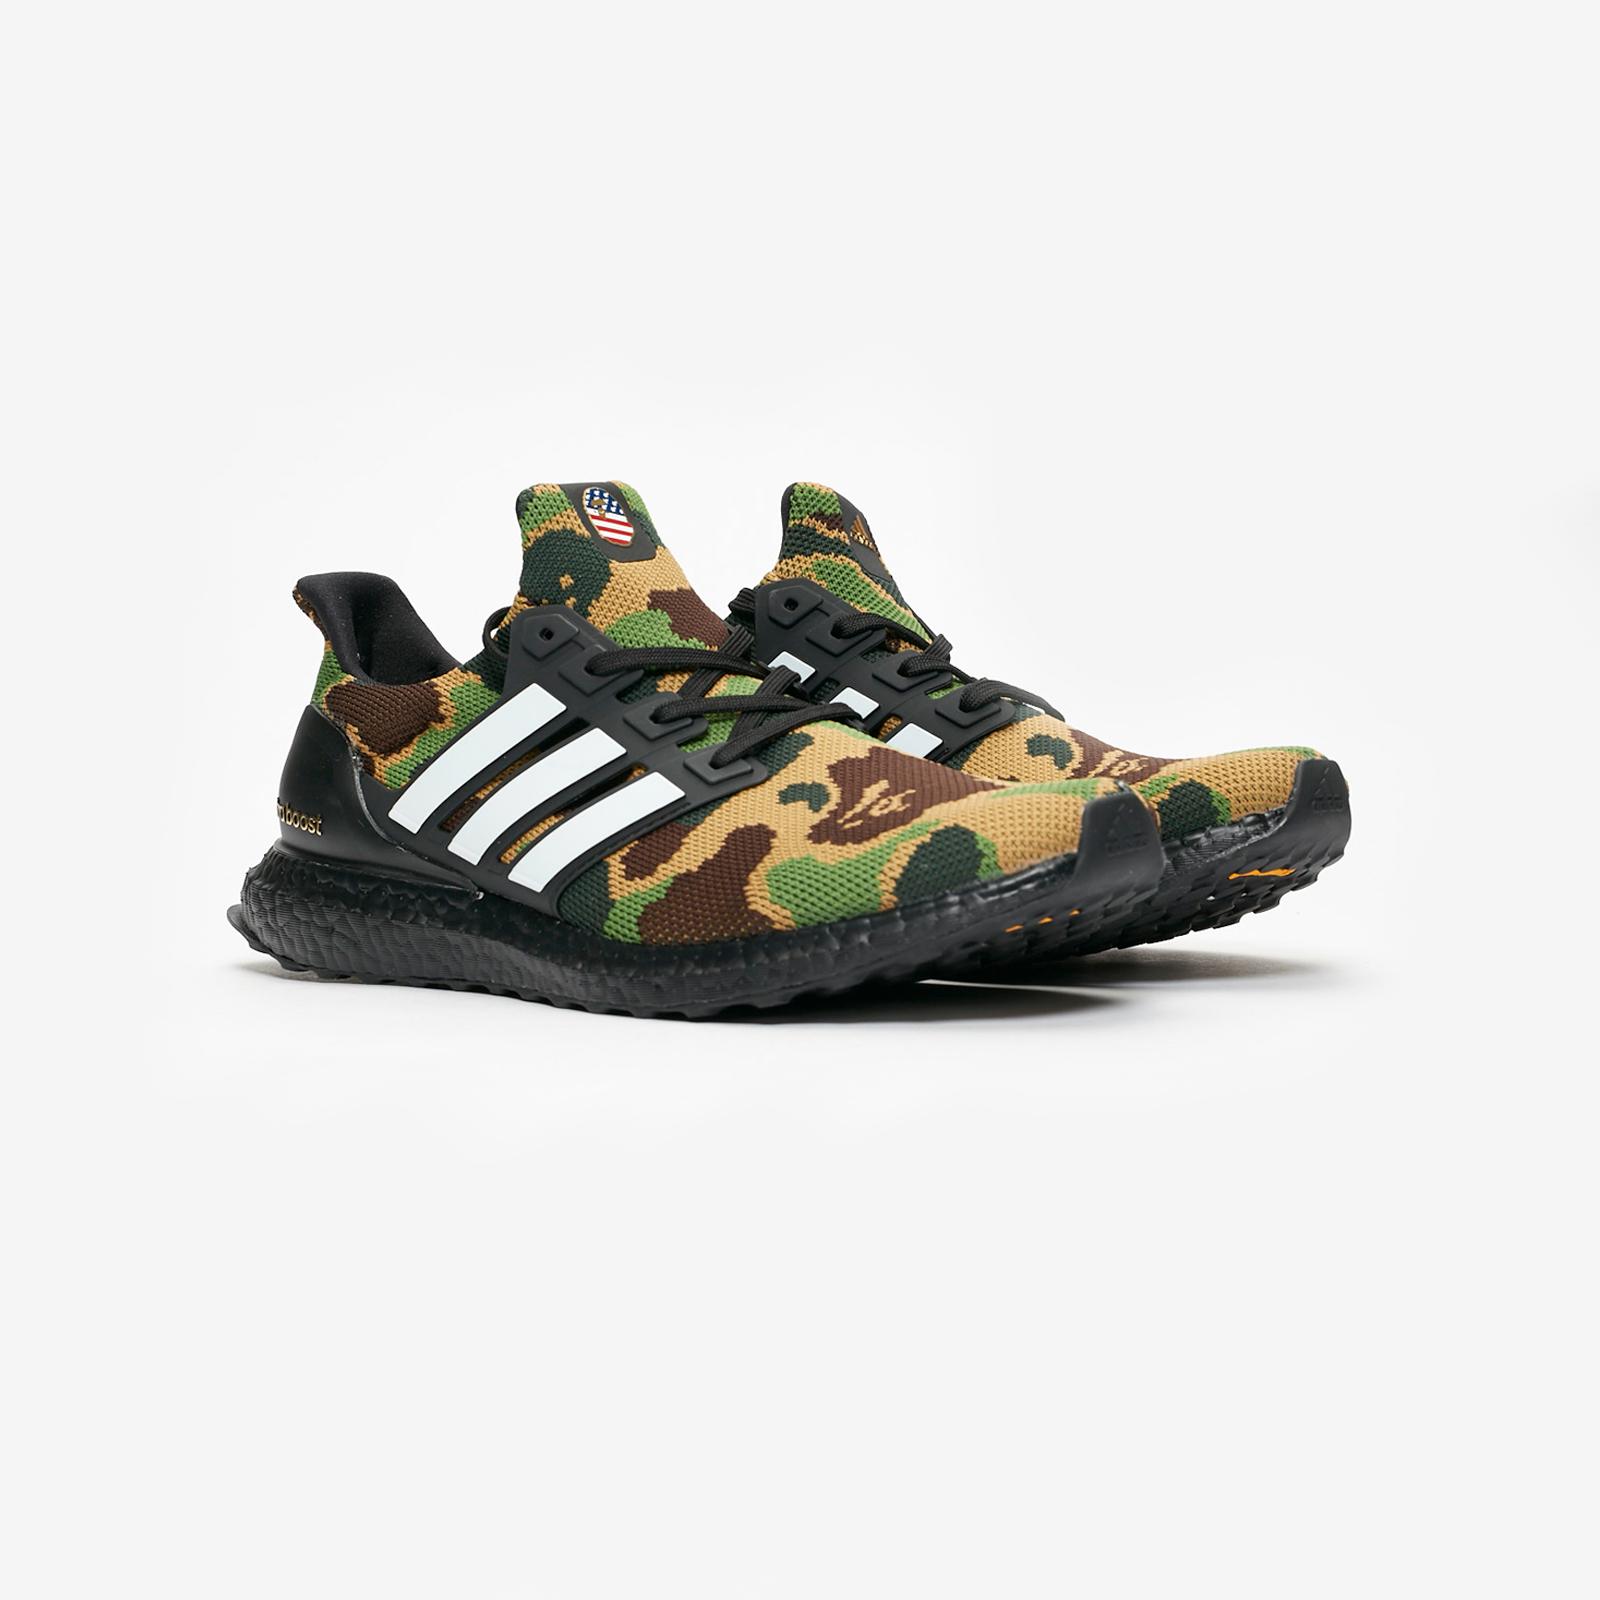 c1b5f74d074b5 adidas UltraBOOST x Bape - F35097 - Sneakersnstuff